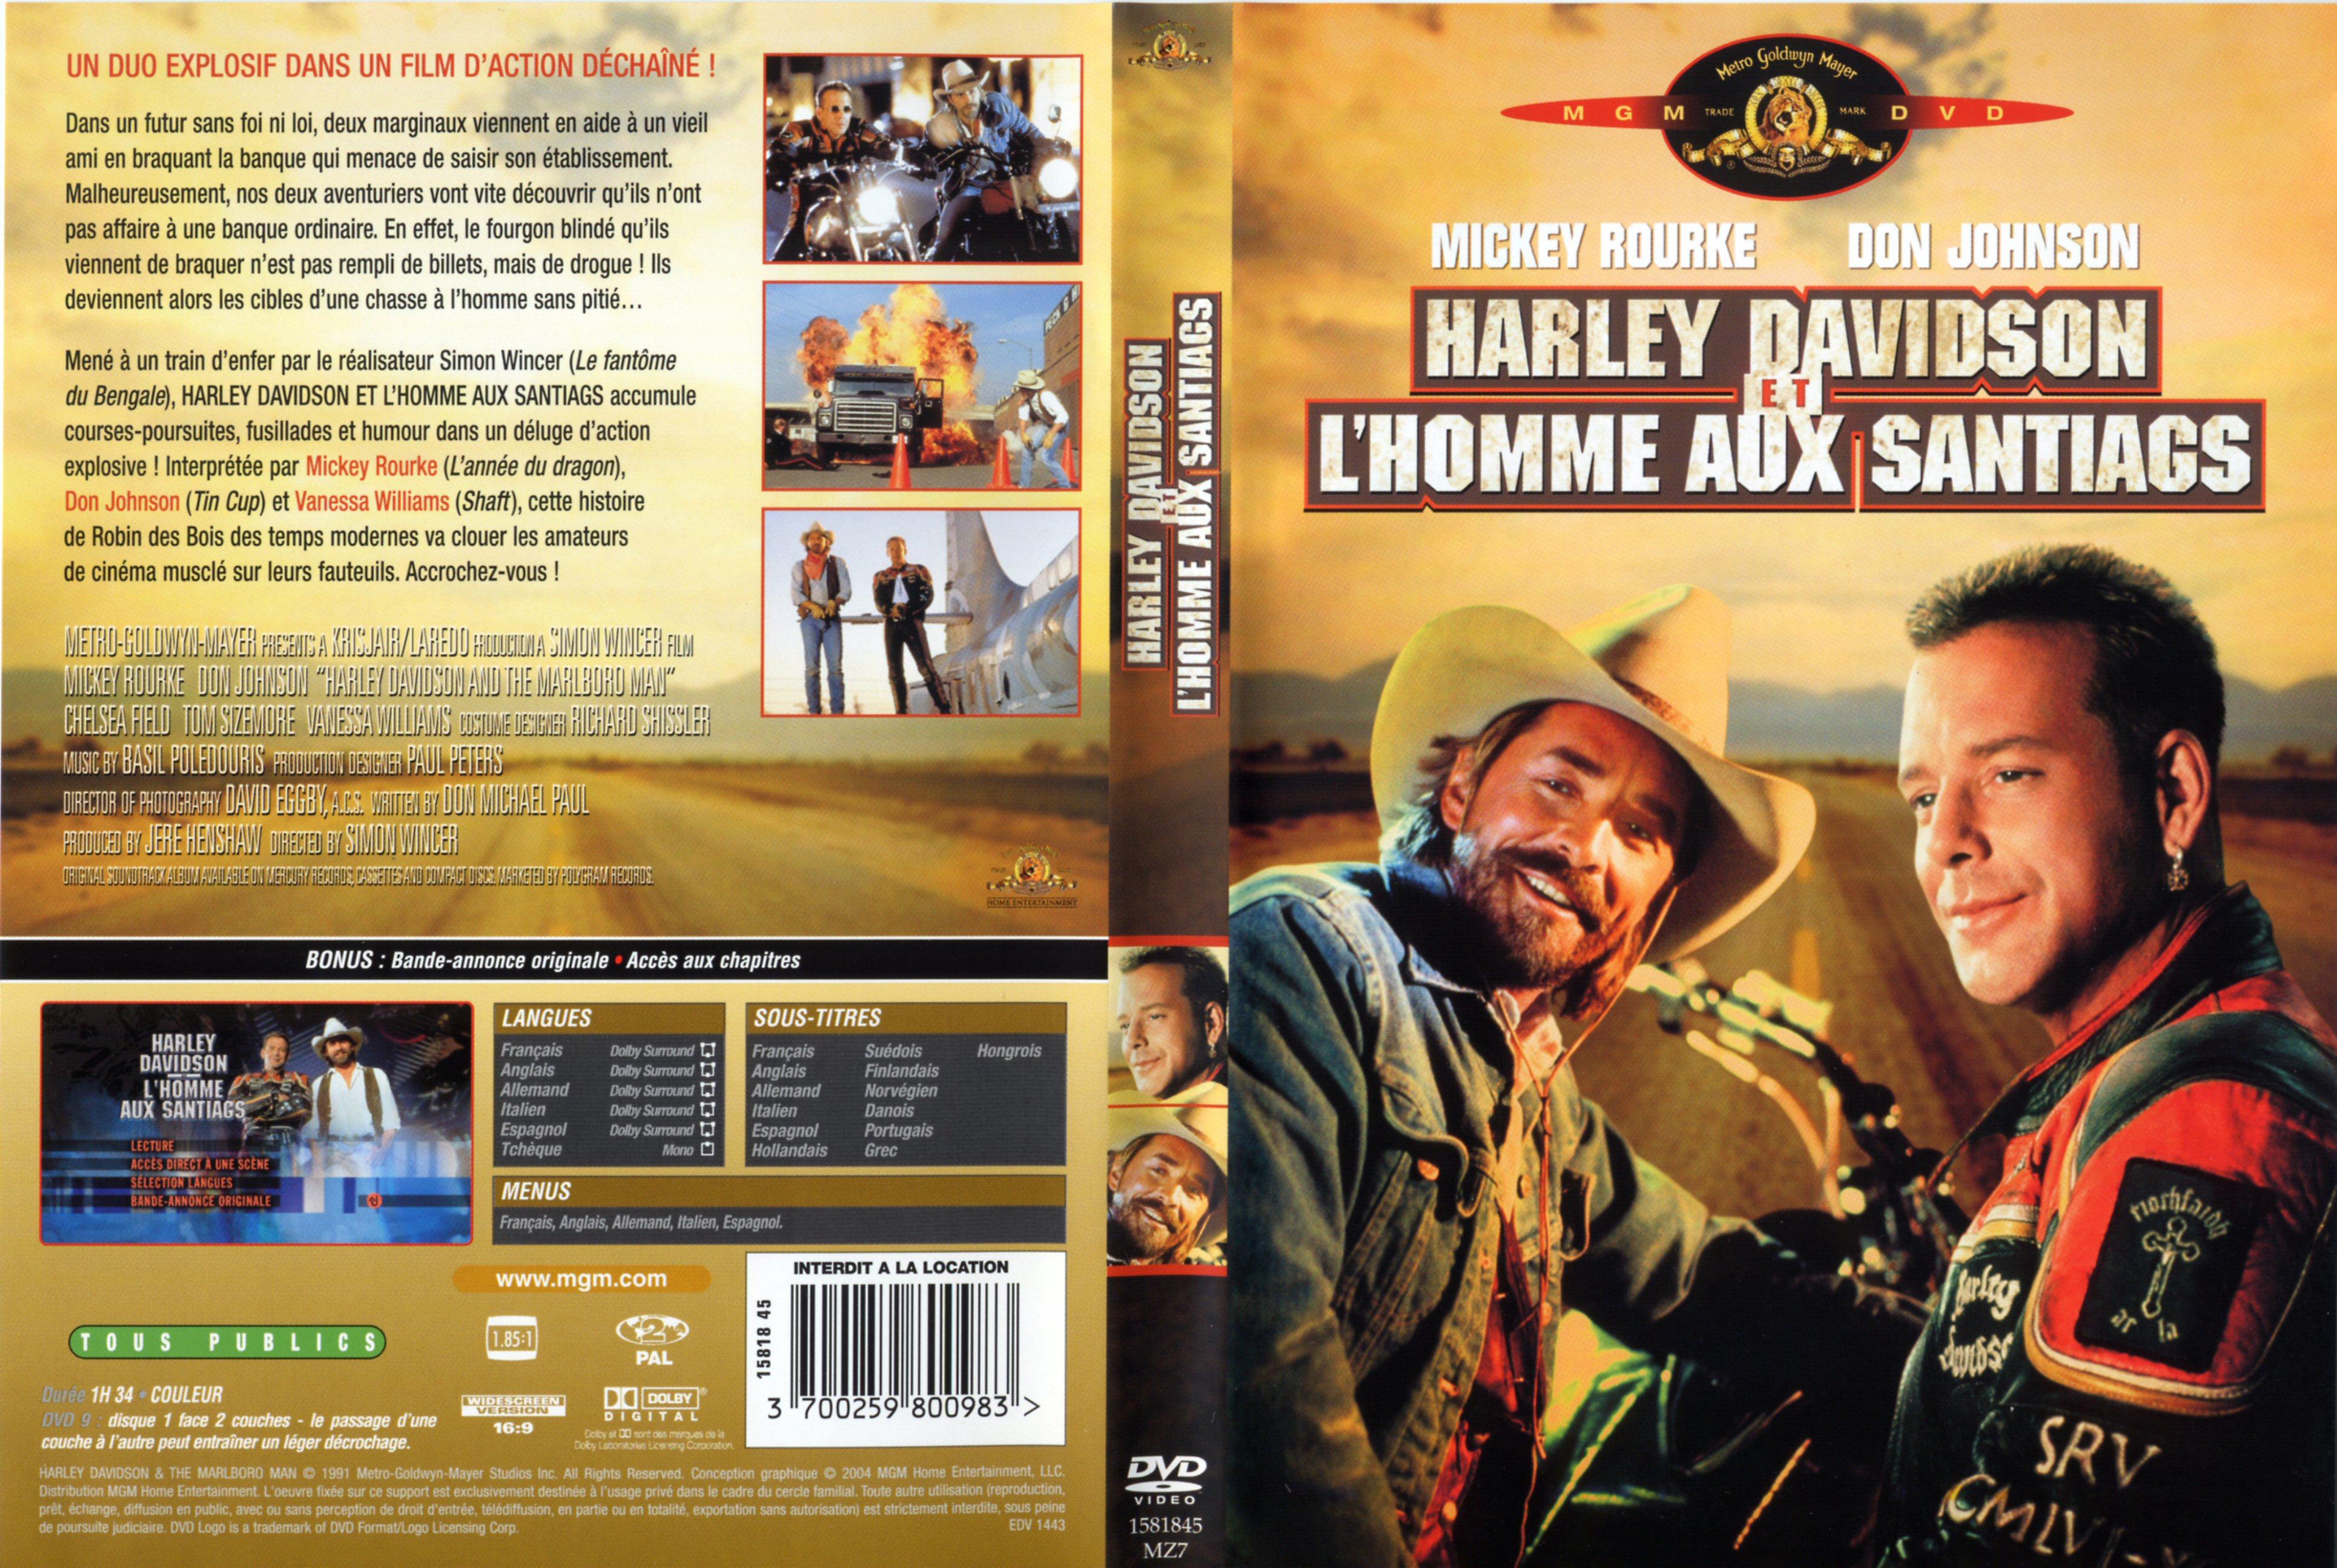 Harley Davidson Et L Homme Aux Santiags Torrent